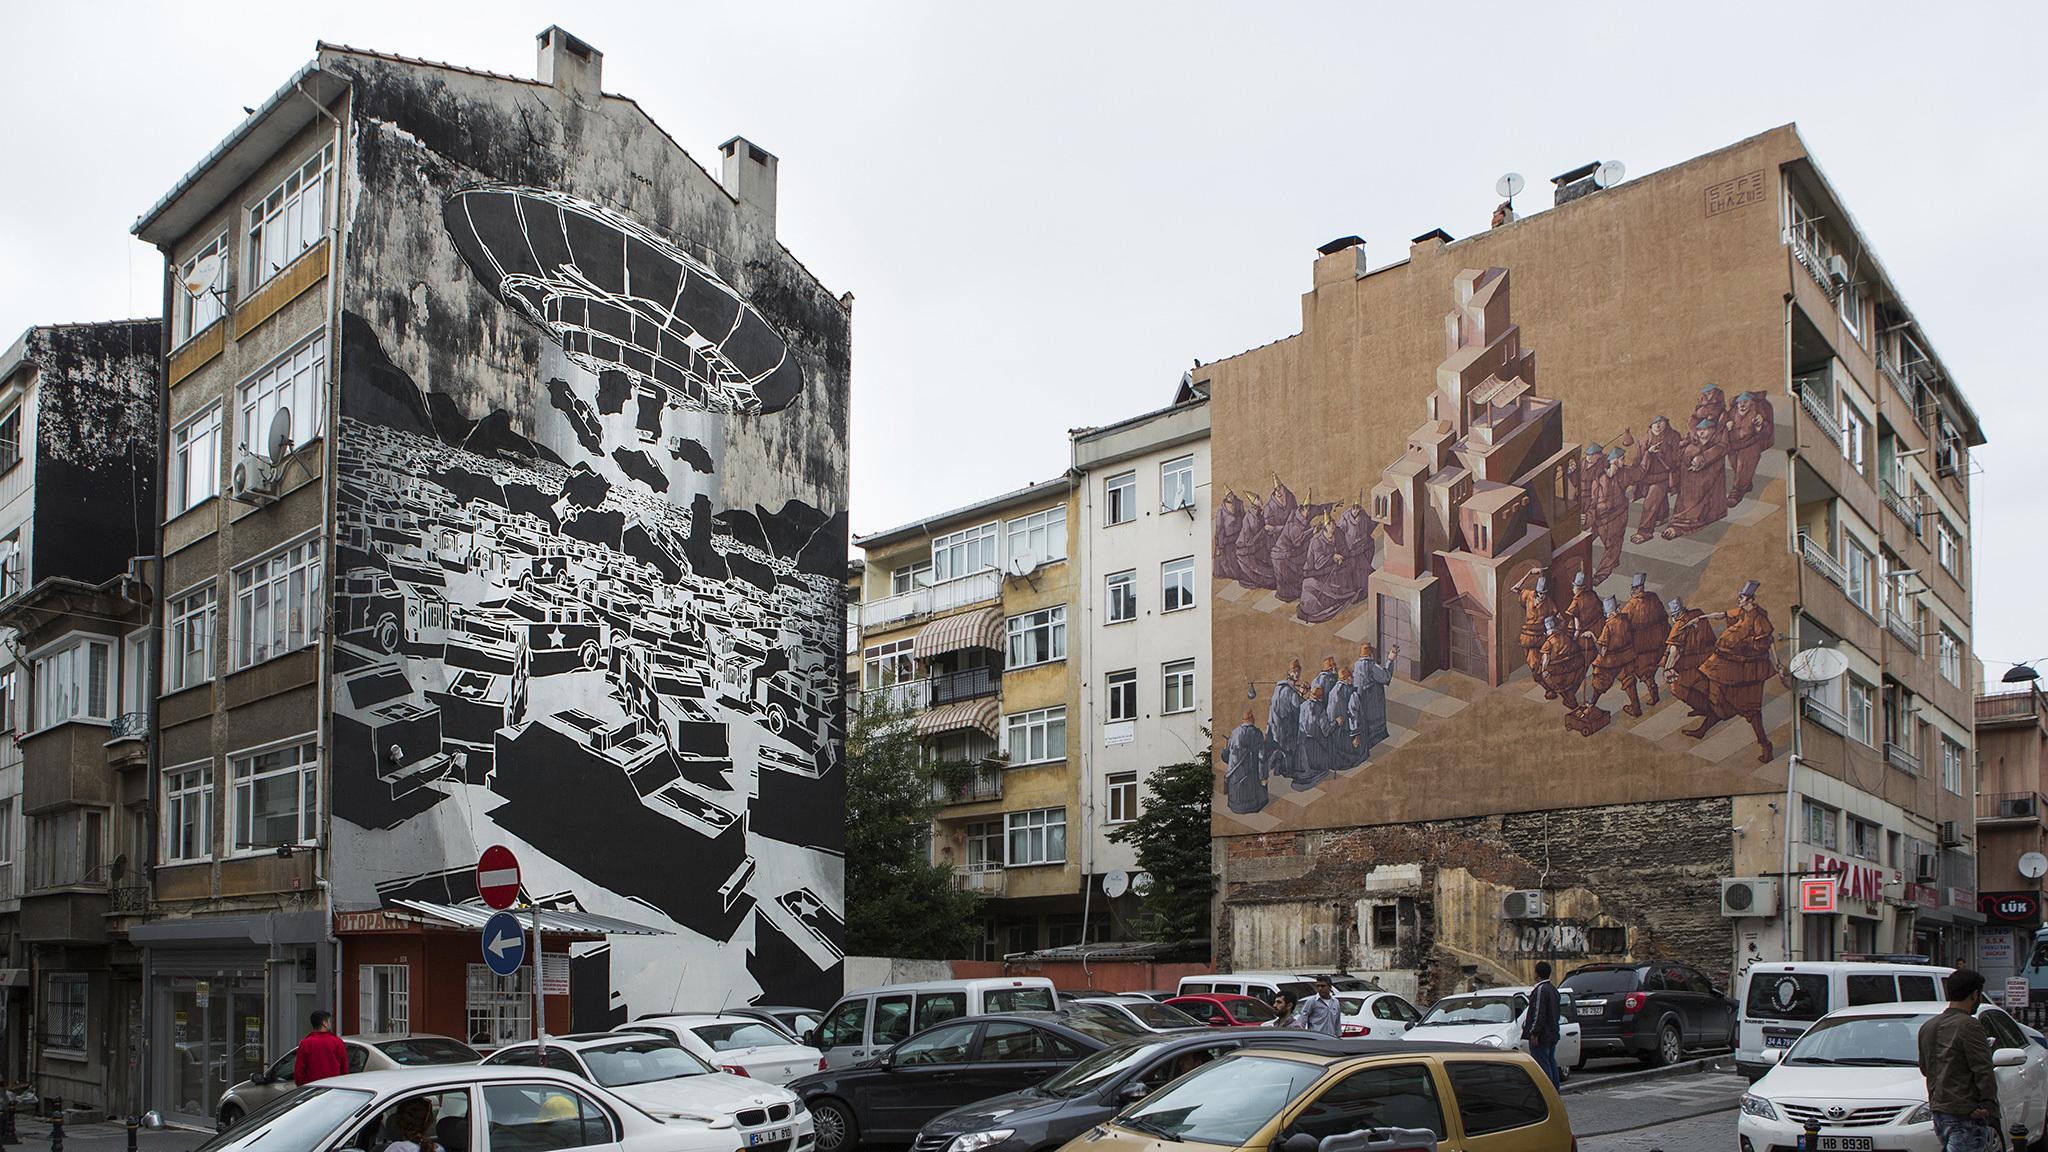 Sepe & Chazme 718, Mural